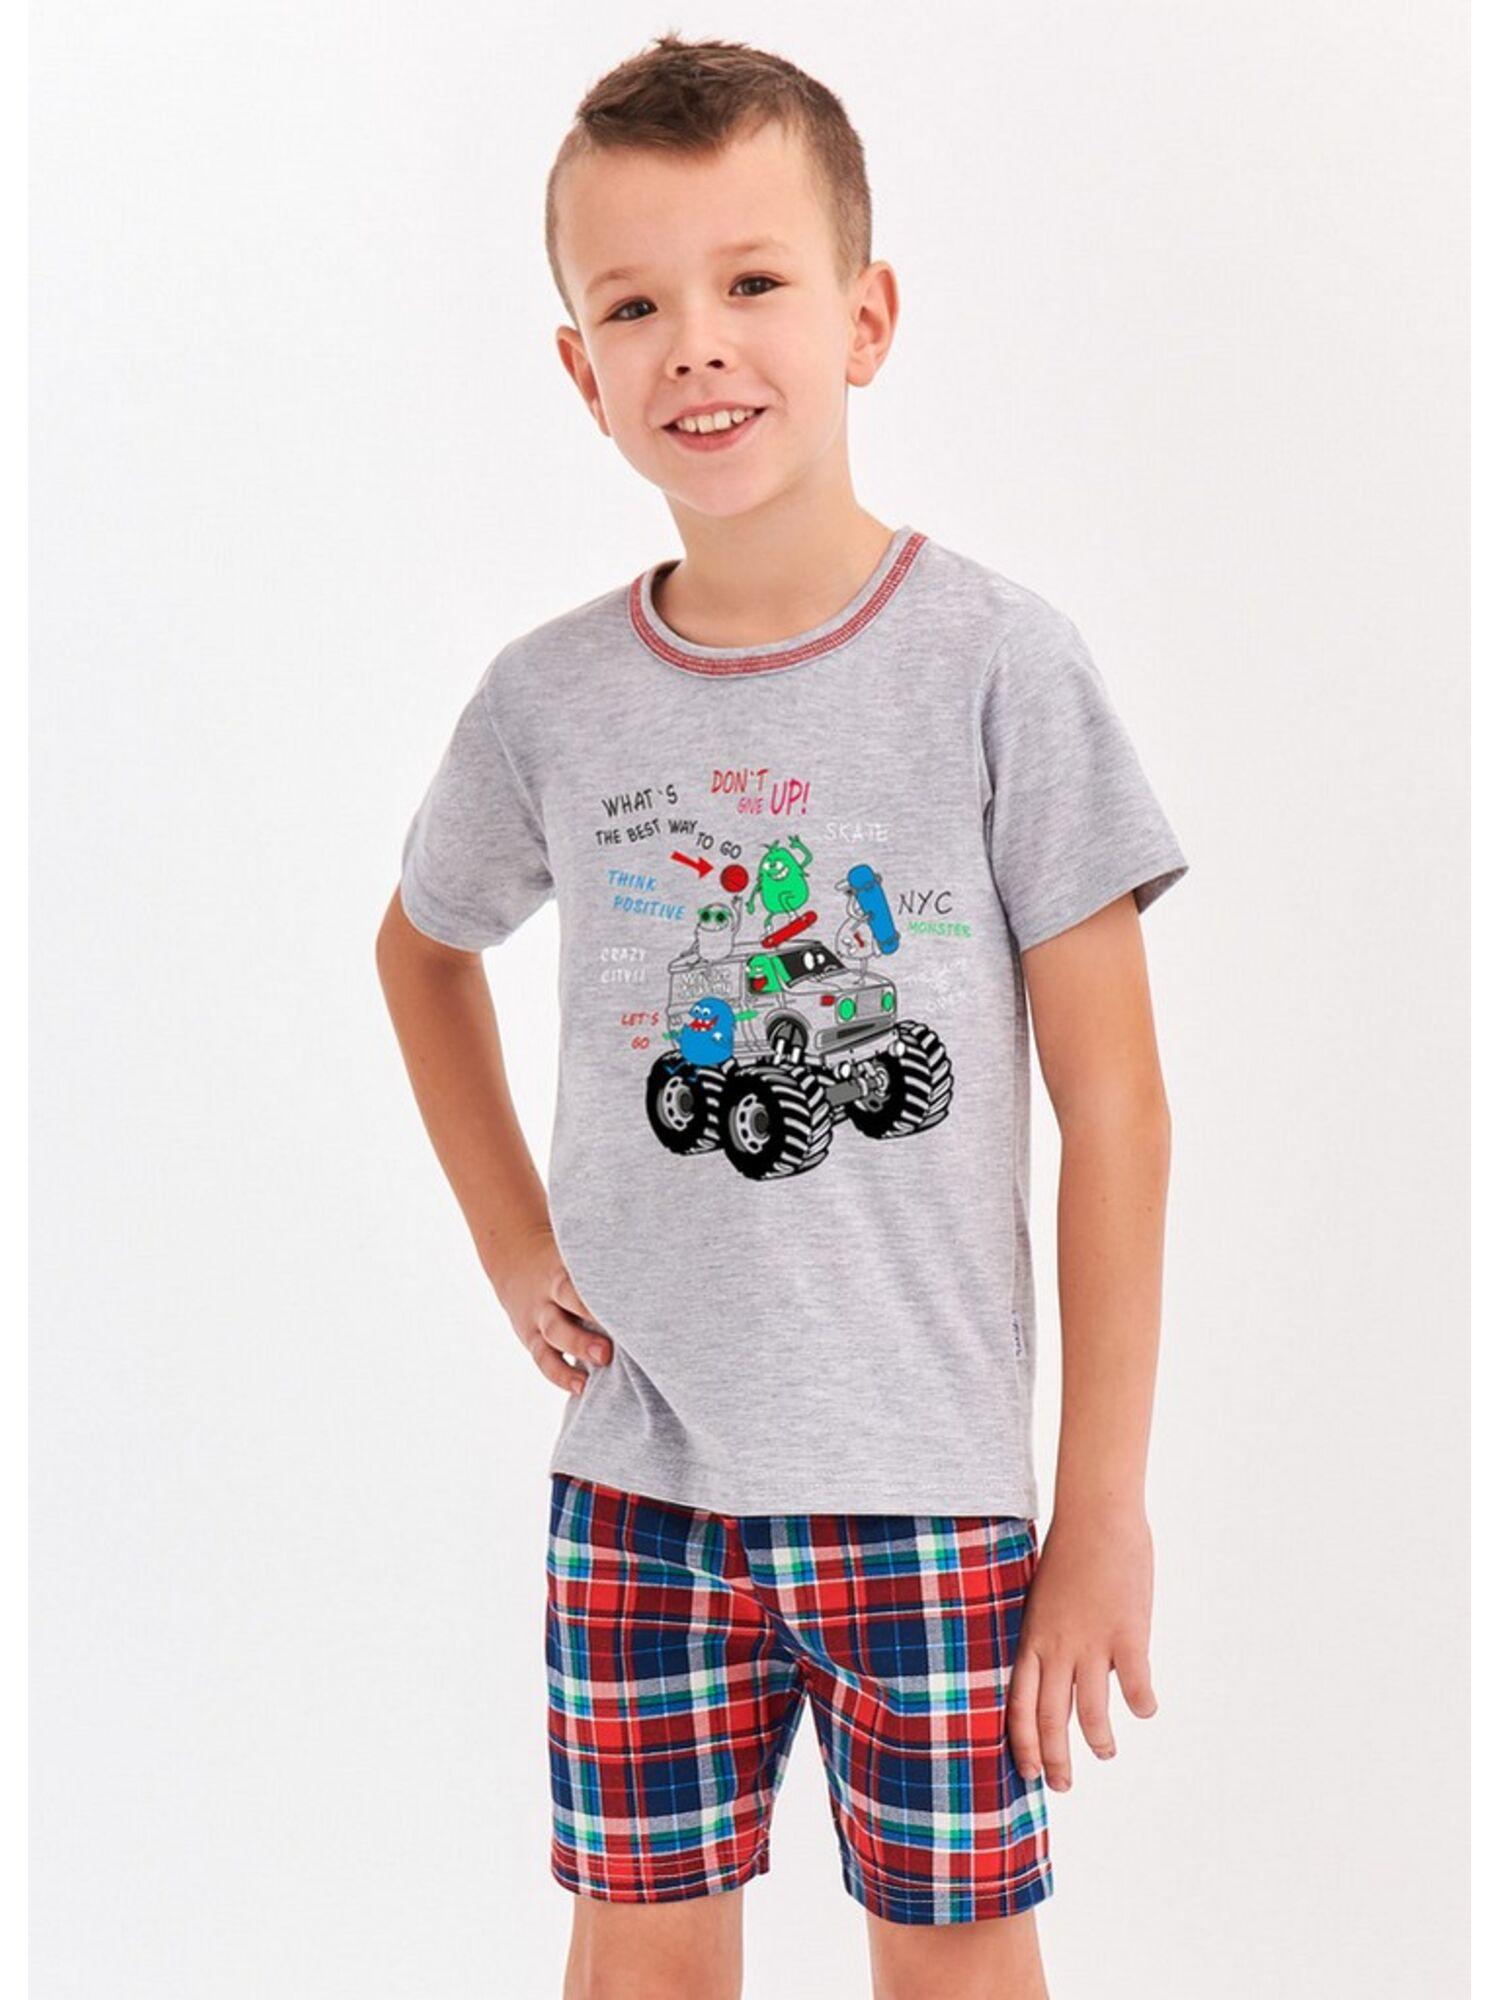 Пижама для мальчика из хлопка 943/944 S20 DAMIAN серый/красный, TARO